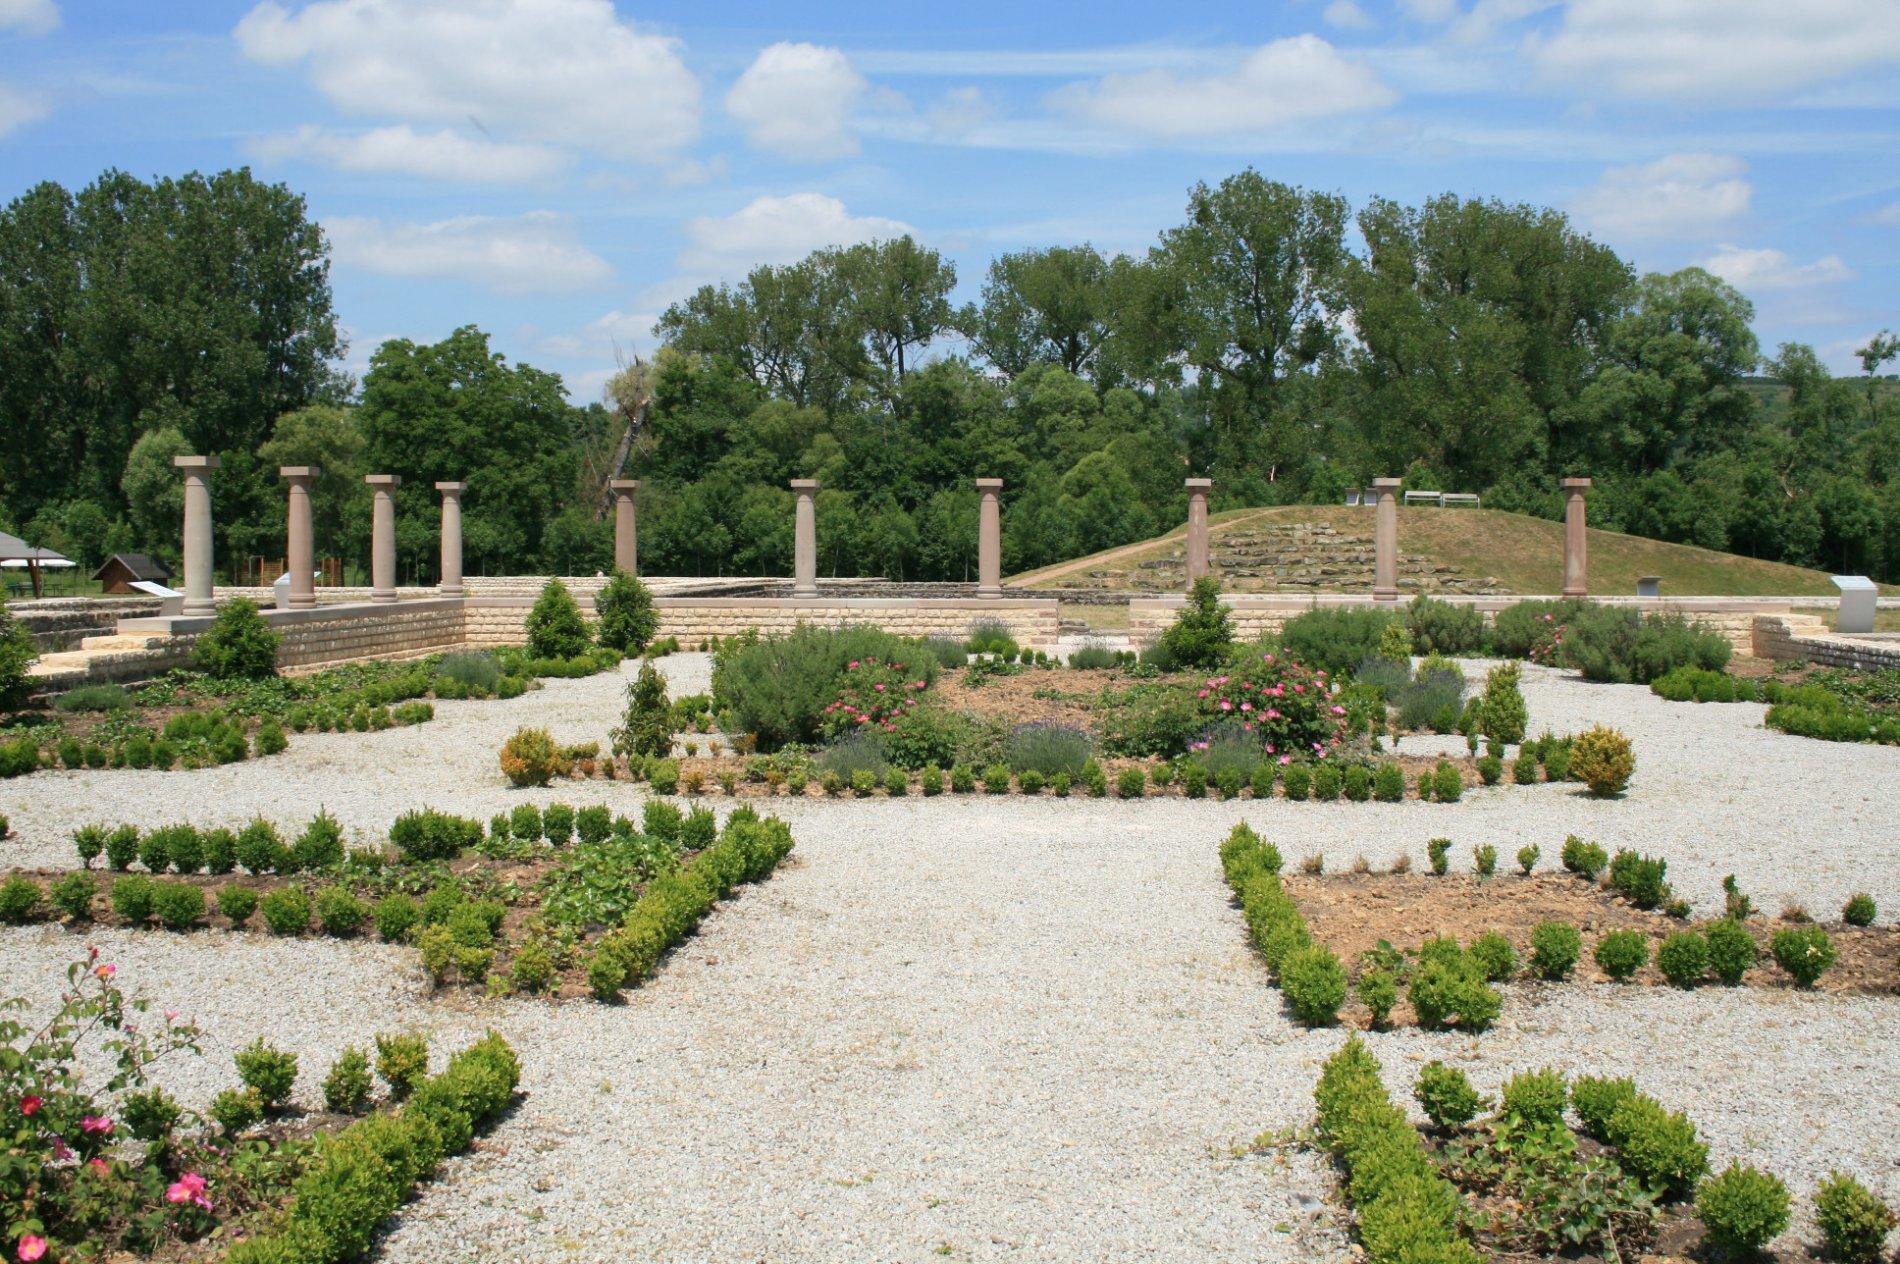 Römischer Garten im Europäischen Kulturpark